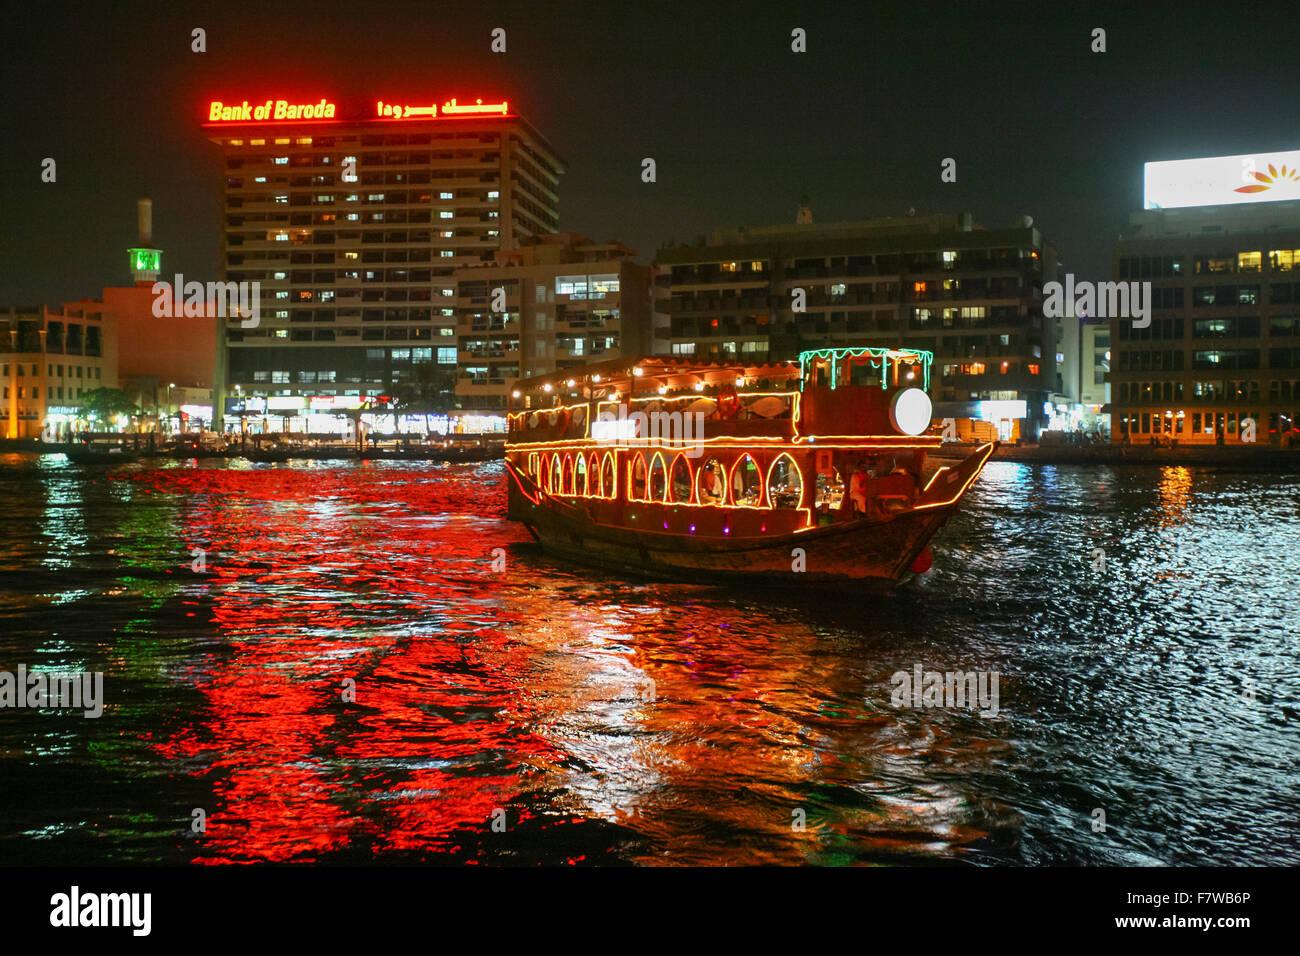 Dhow Cruise, Dubai, United Arab Emirates - Stock Image